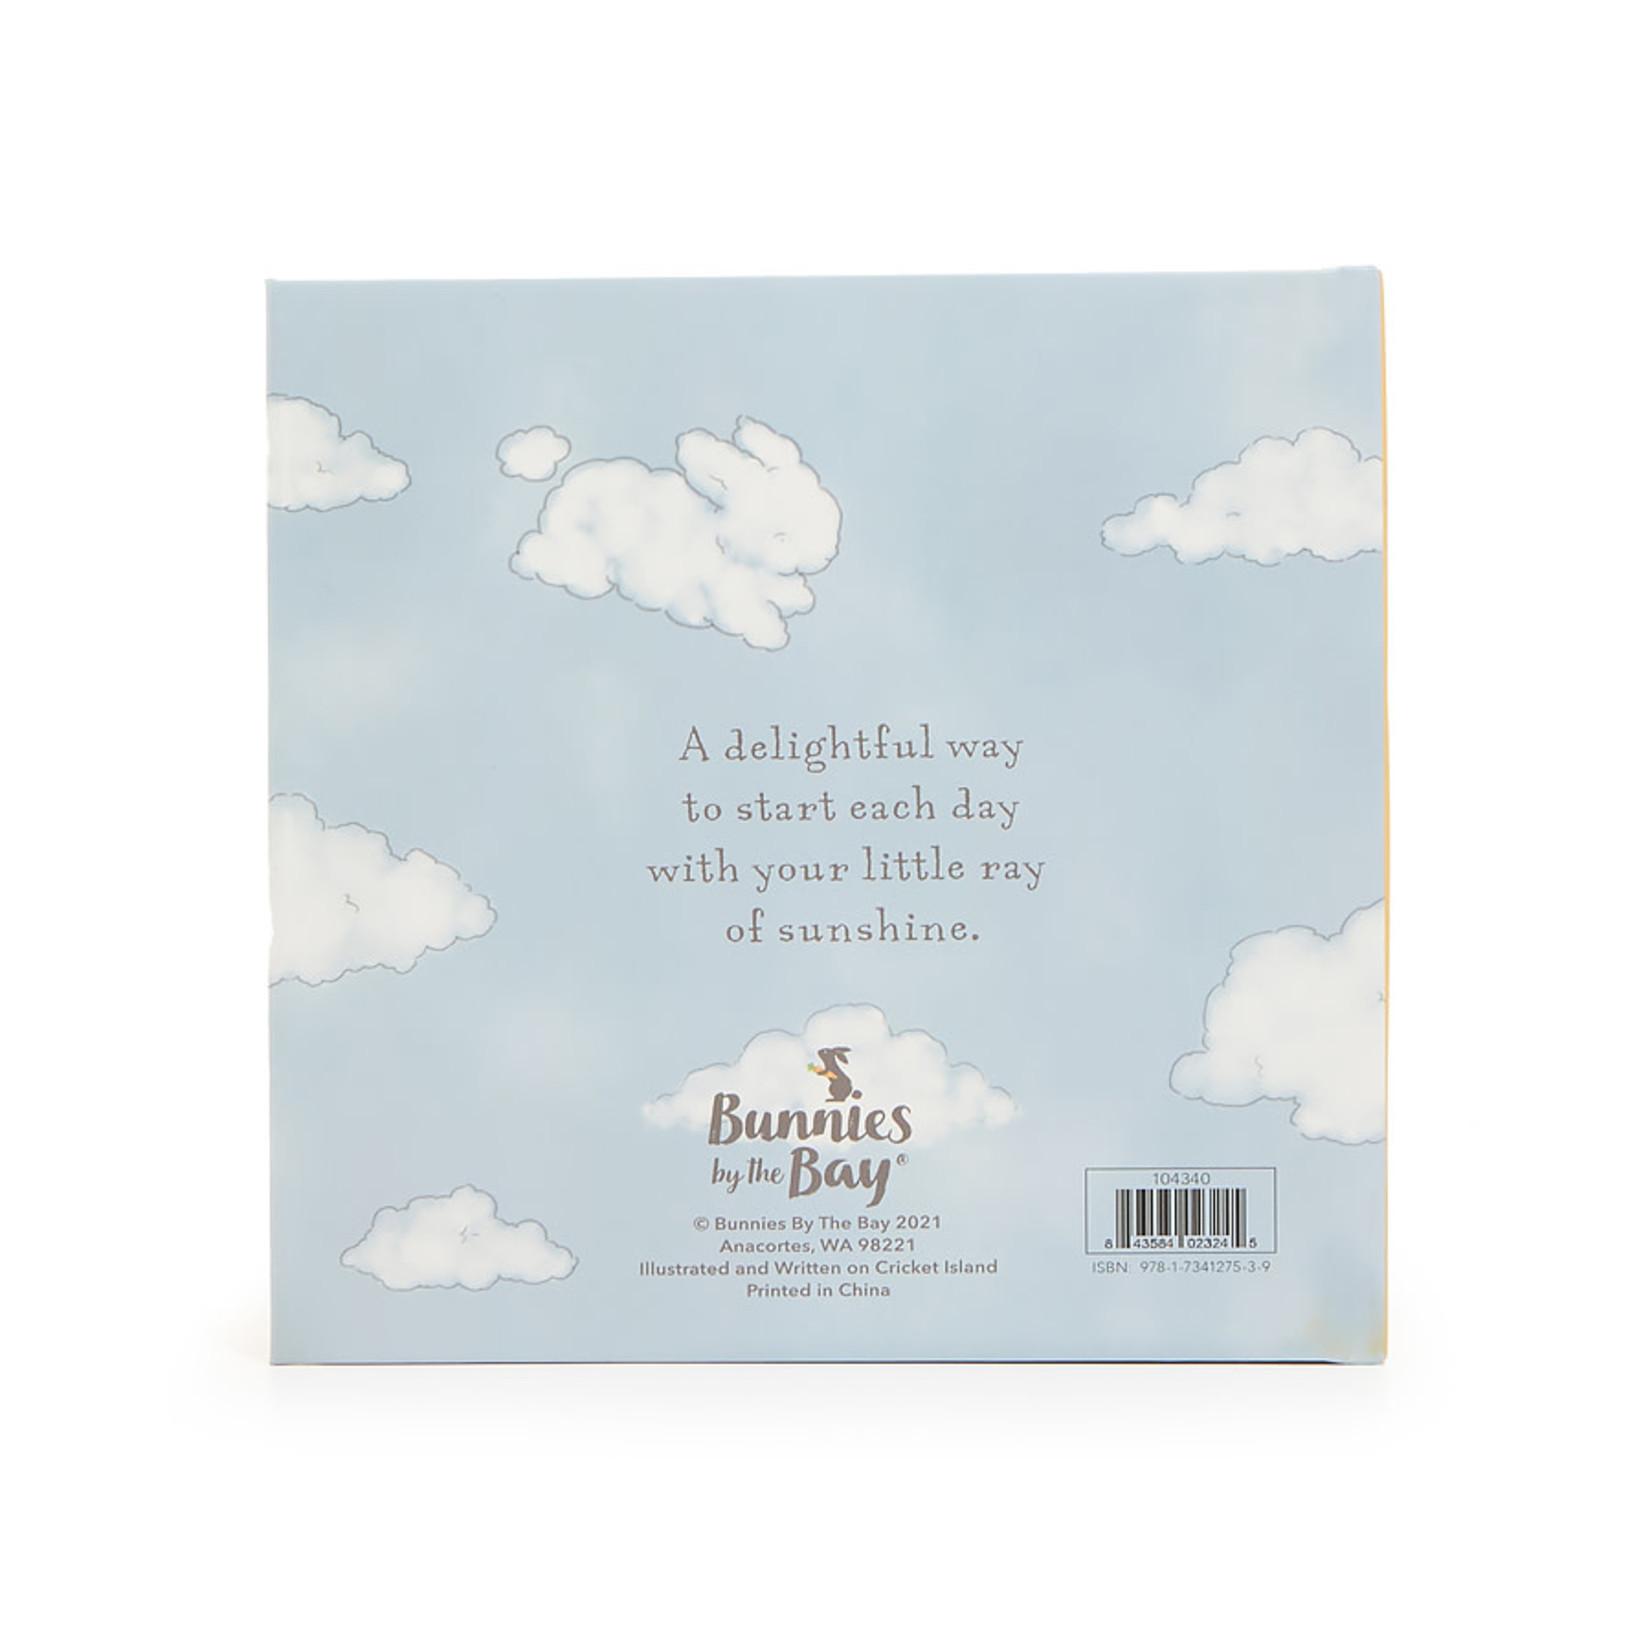 Bunnies By the Bay Little Sunshine Board Book